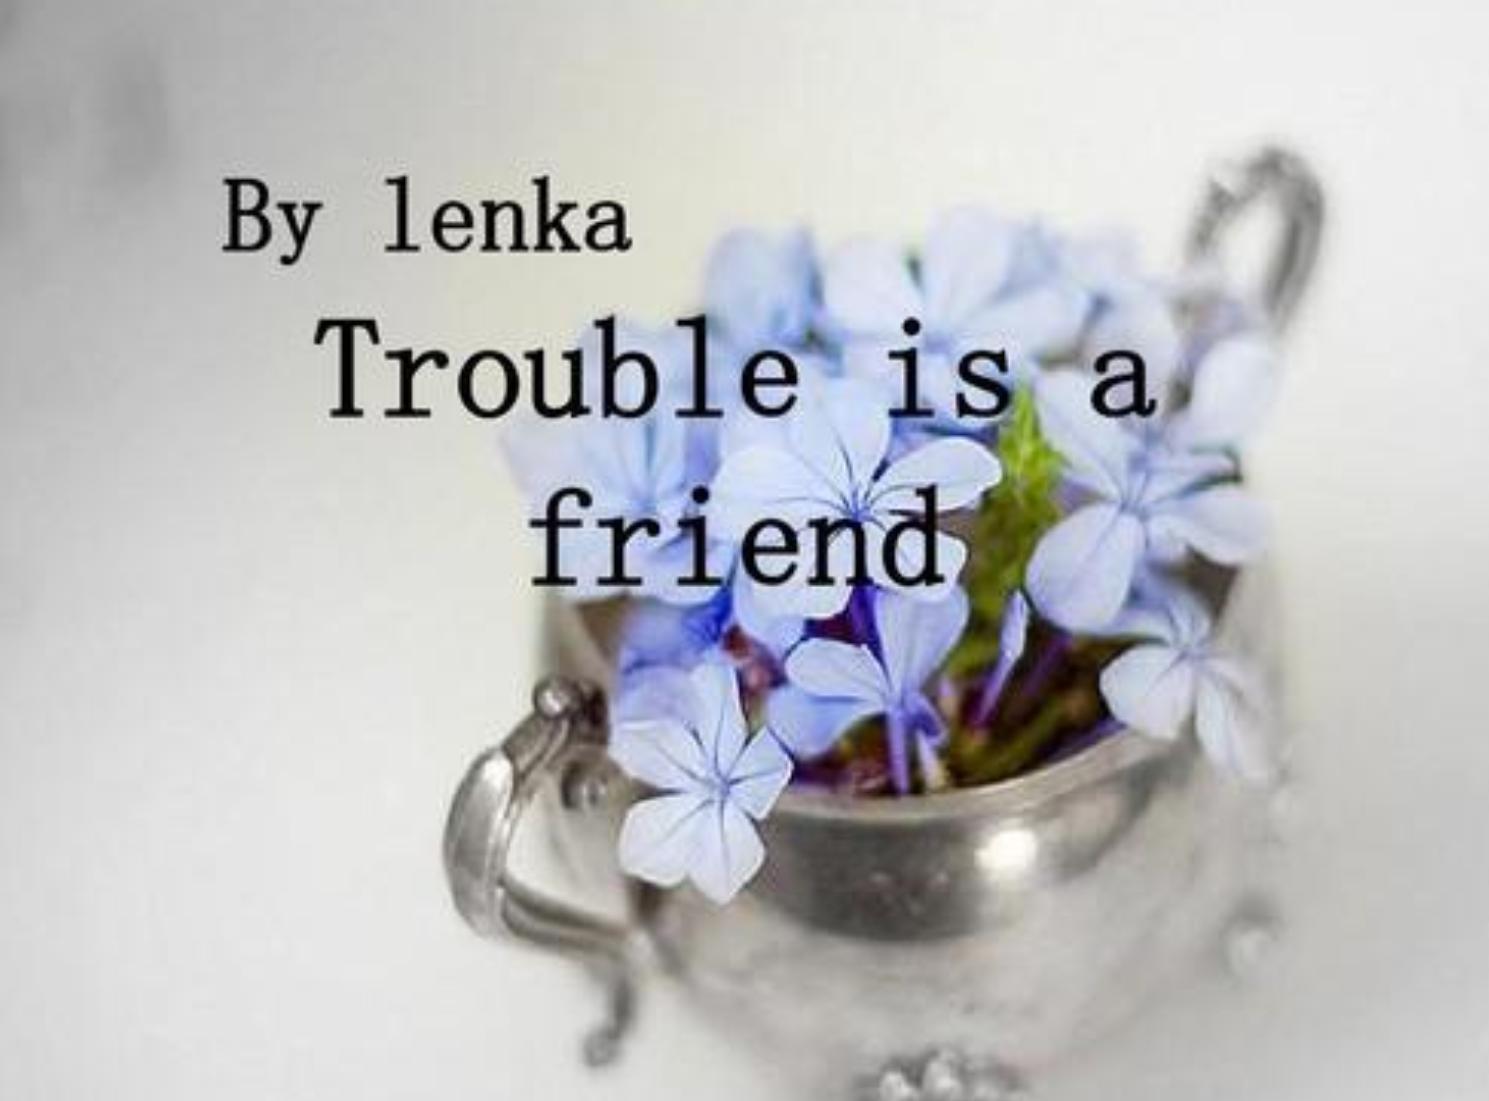 Trouble is a friend 英文歌词